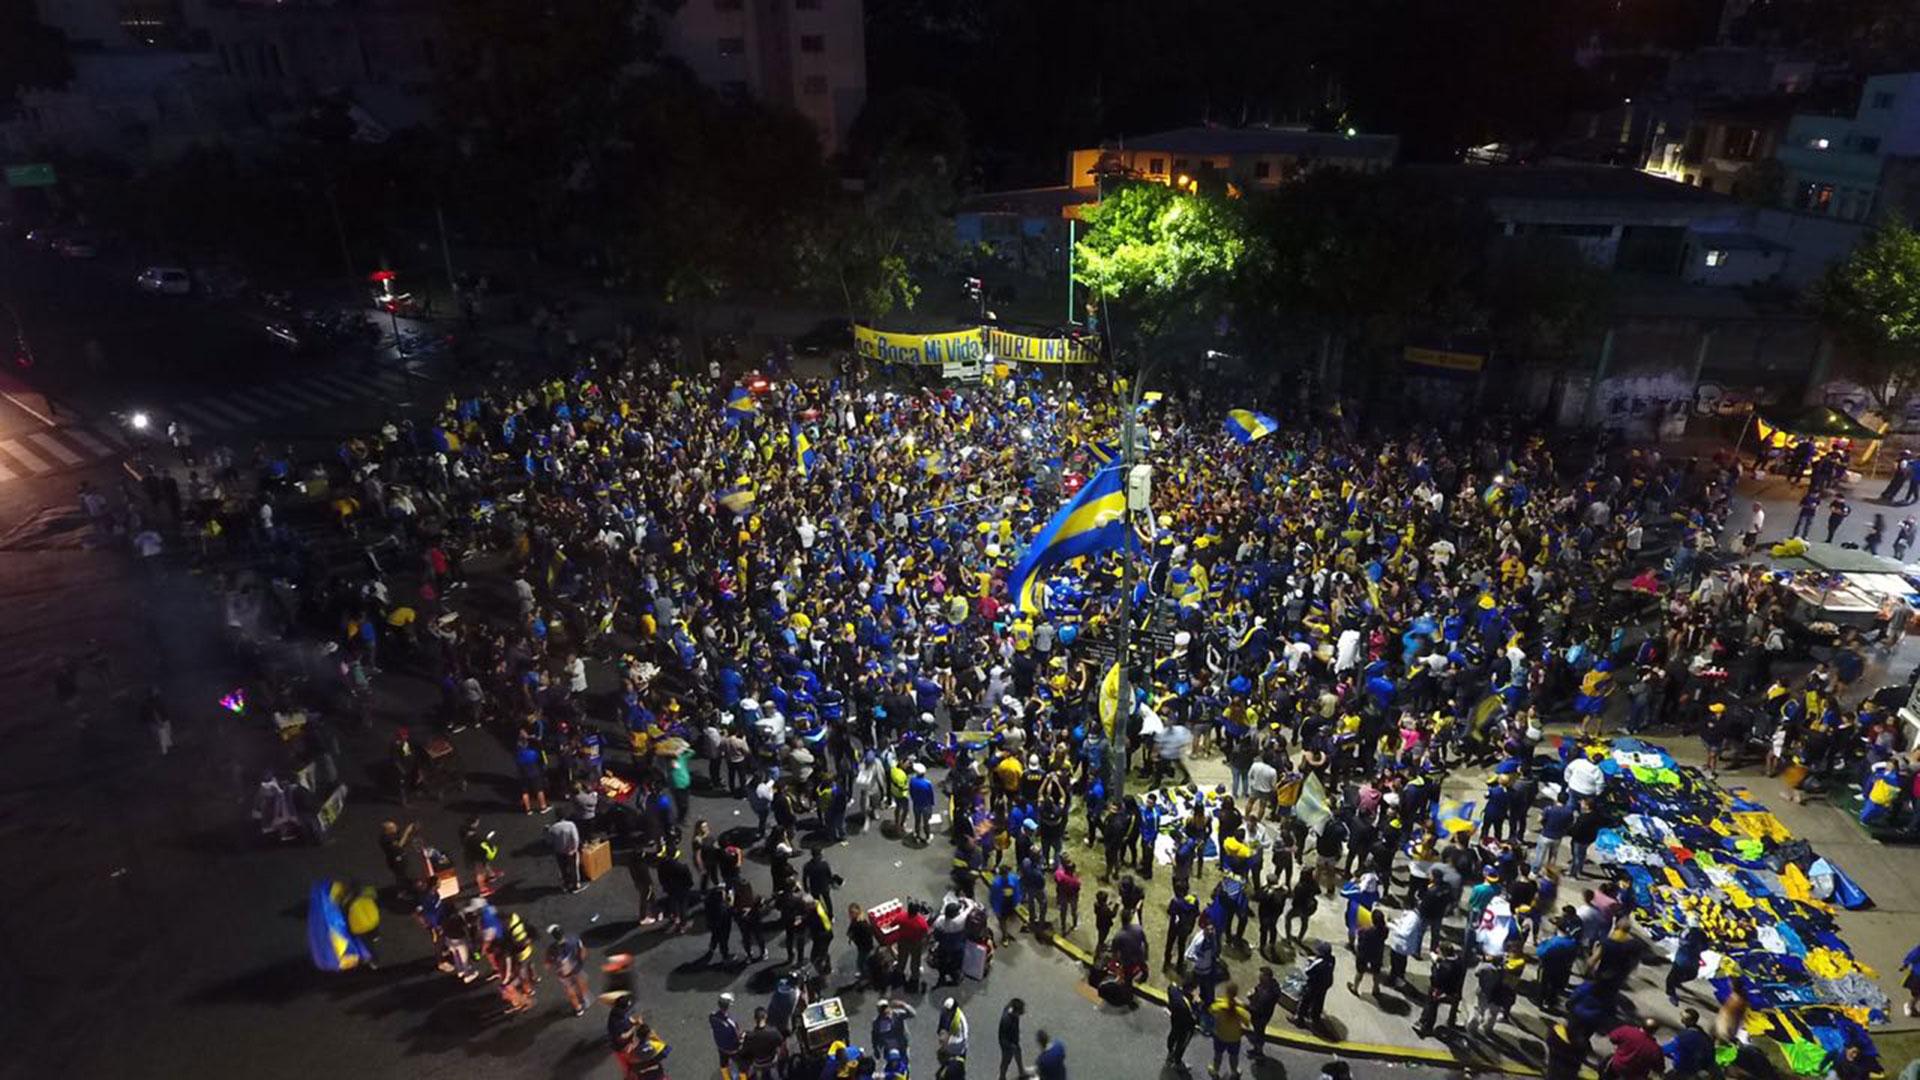 Del mismo modo que ocurrió el día que debían jugar en el Monumental, miles de fanáticos se reunieron en las inmediaciones de la Bombonerita